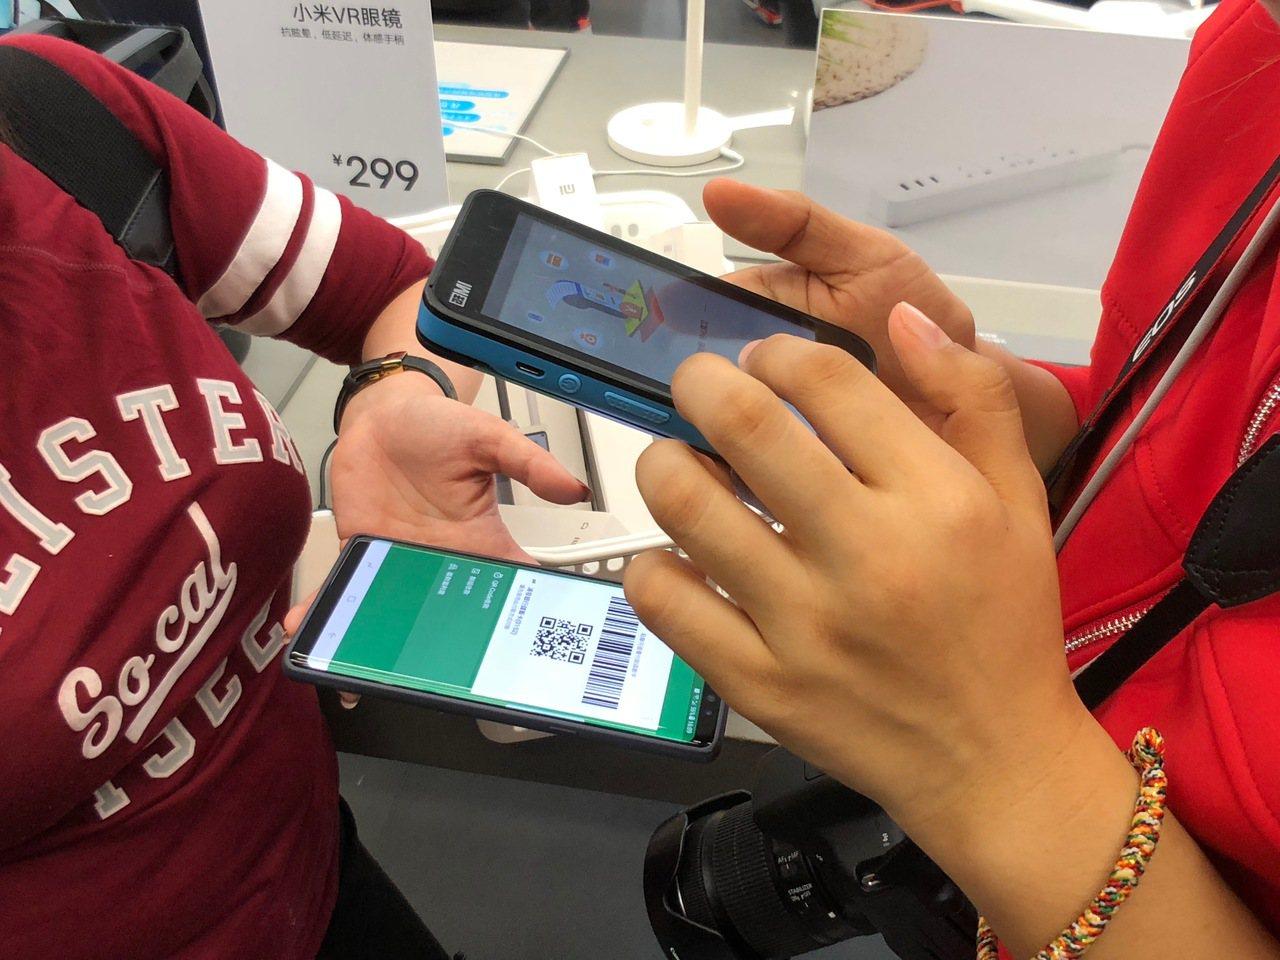 旗艦店獨有的移動收銀模式,消費者可用行動支付、信用卡快速結帳。記者黃筱晴/攝影